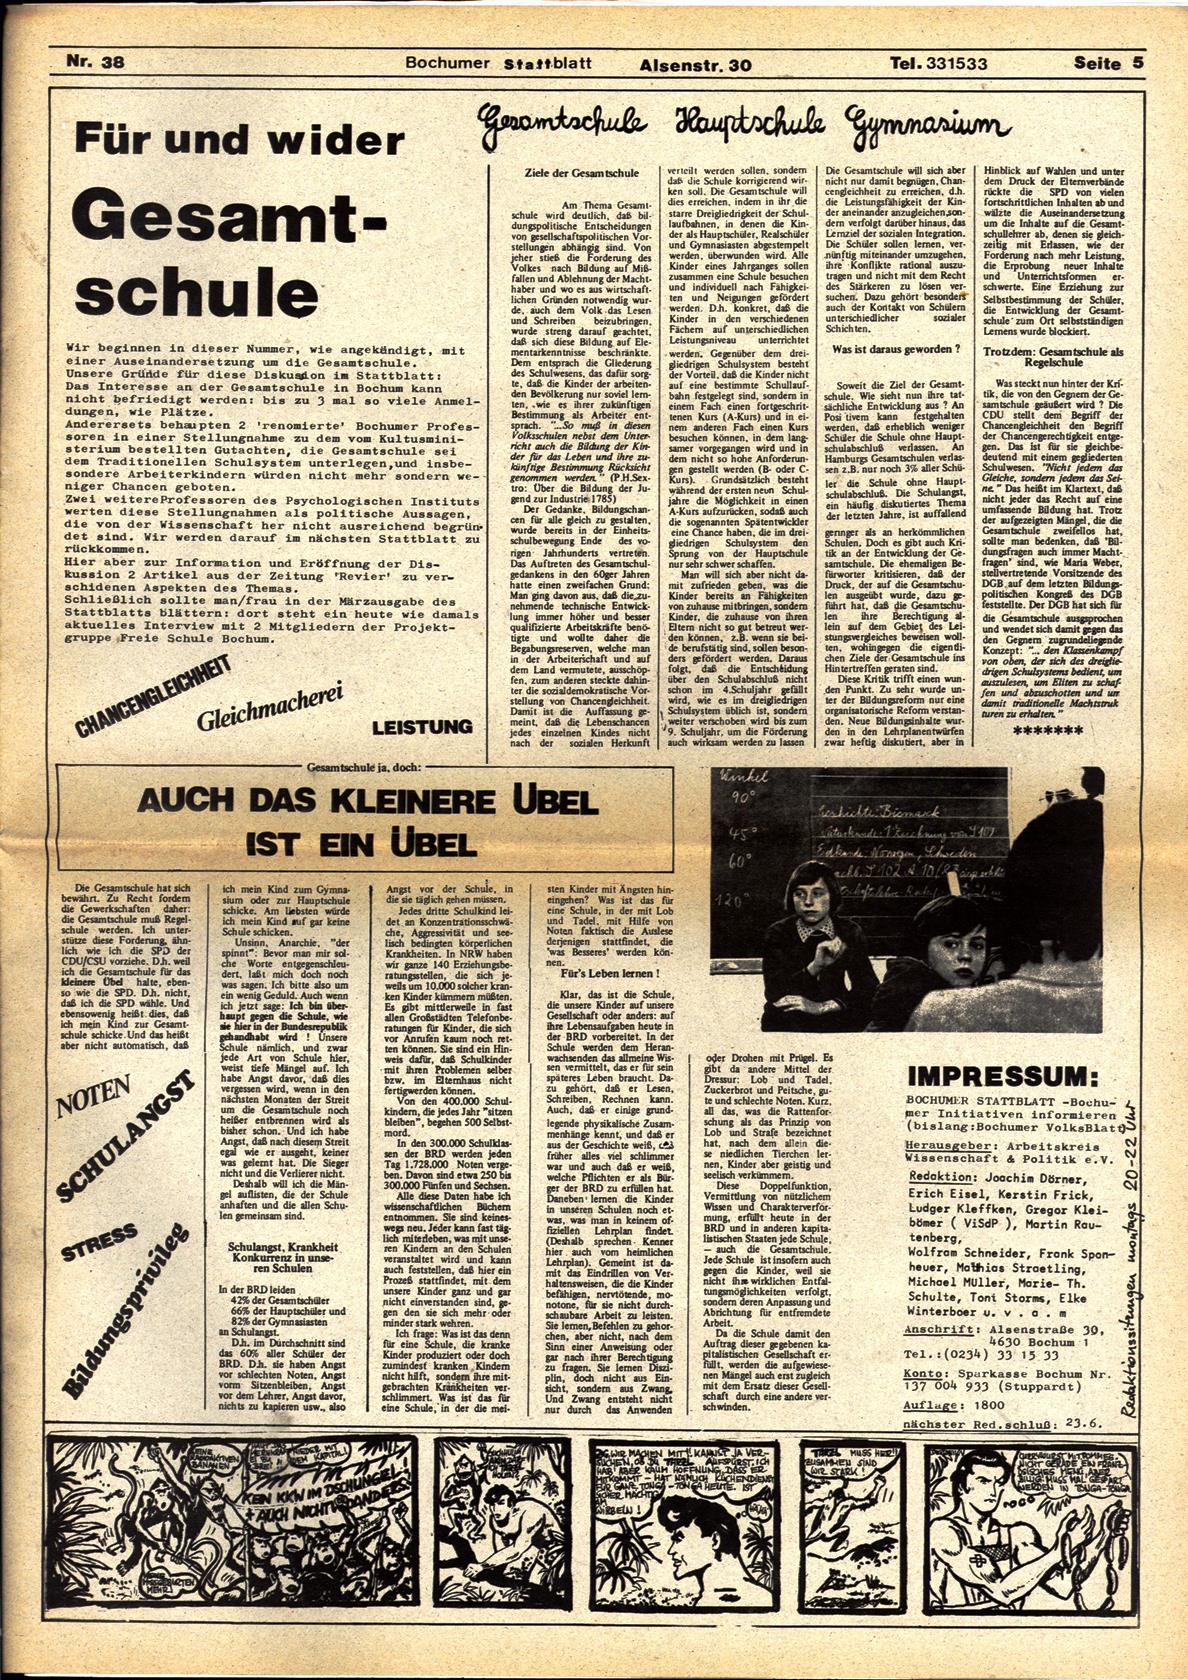 Bochum_Stattblatt_19800600_38_05